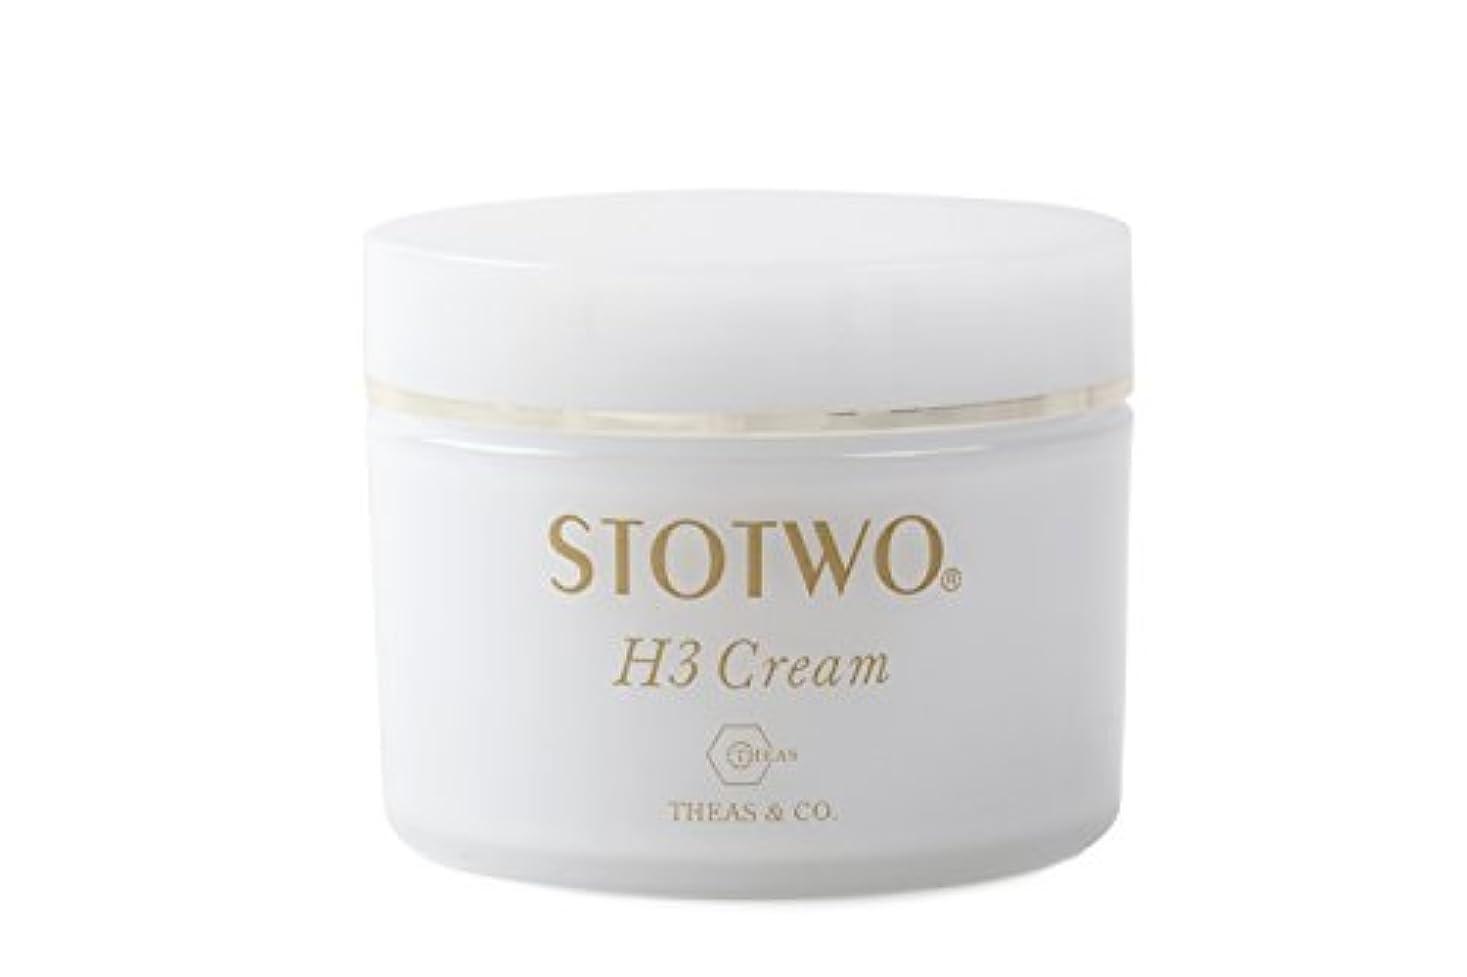 ティーム支払うスラムストツ(STOTWO)H3 クリームヒアルロン酸 25g